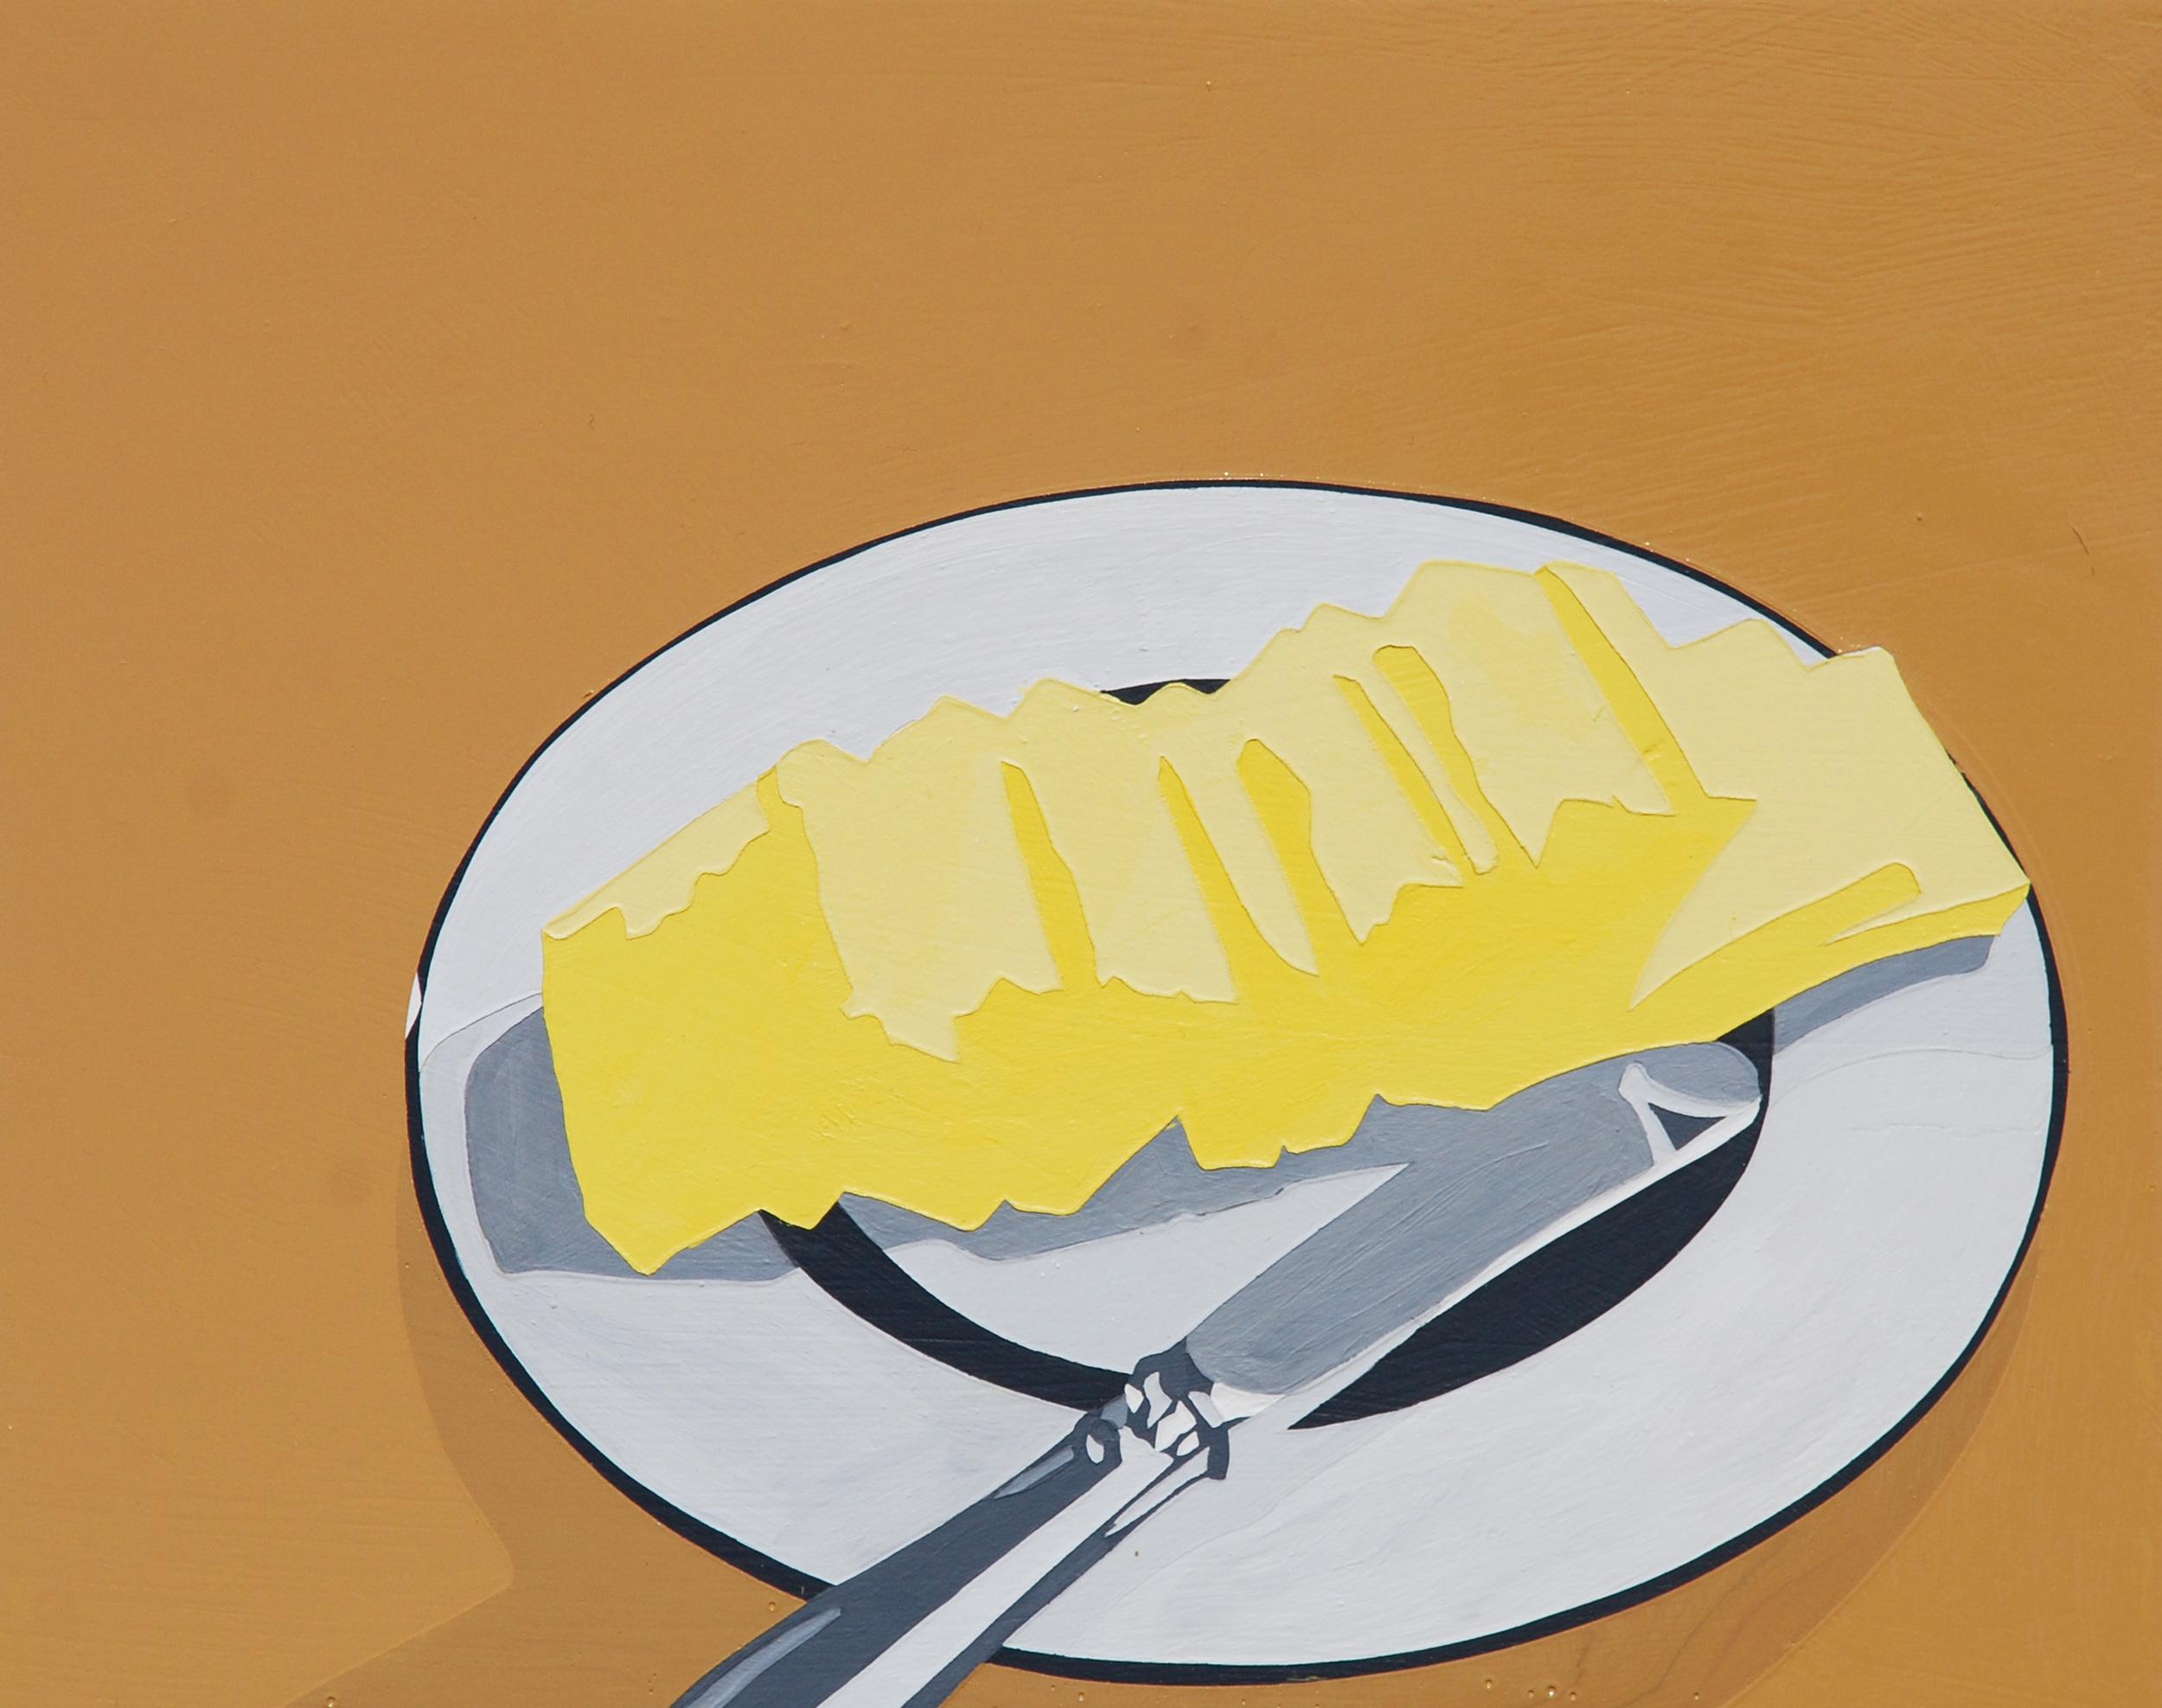 16_butter-onDish+Knife5.jpg